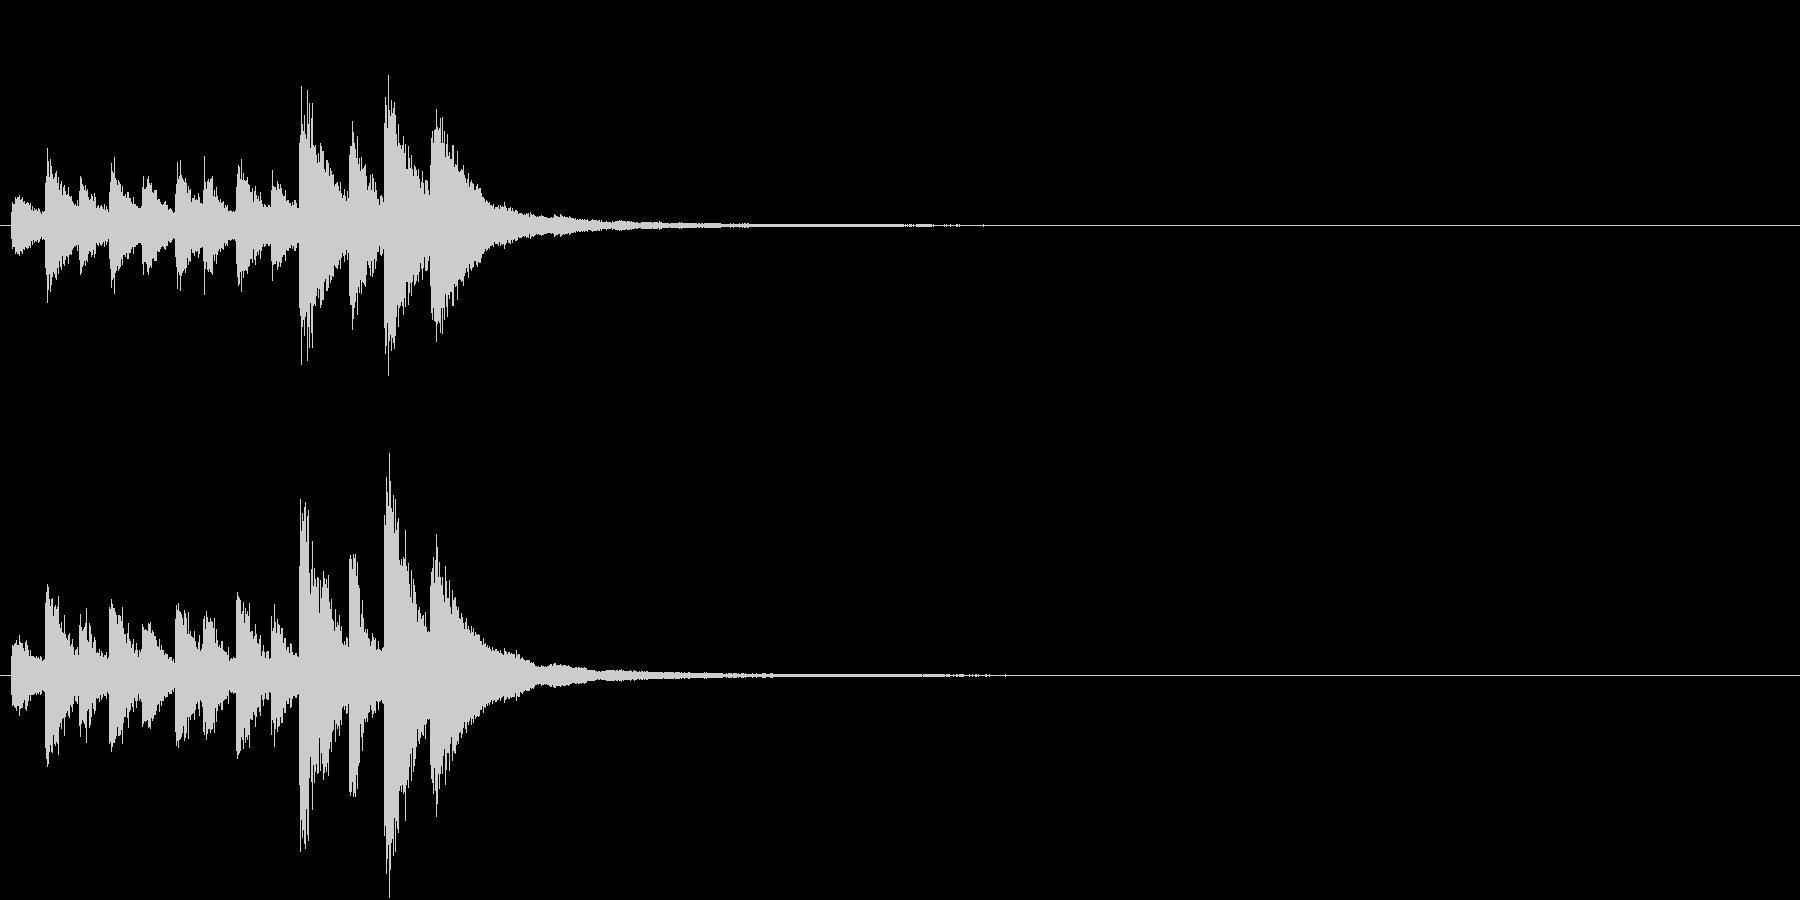 音侍「チチチ…」囃子当り鉦の連打リバーブの未再生の波形